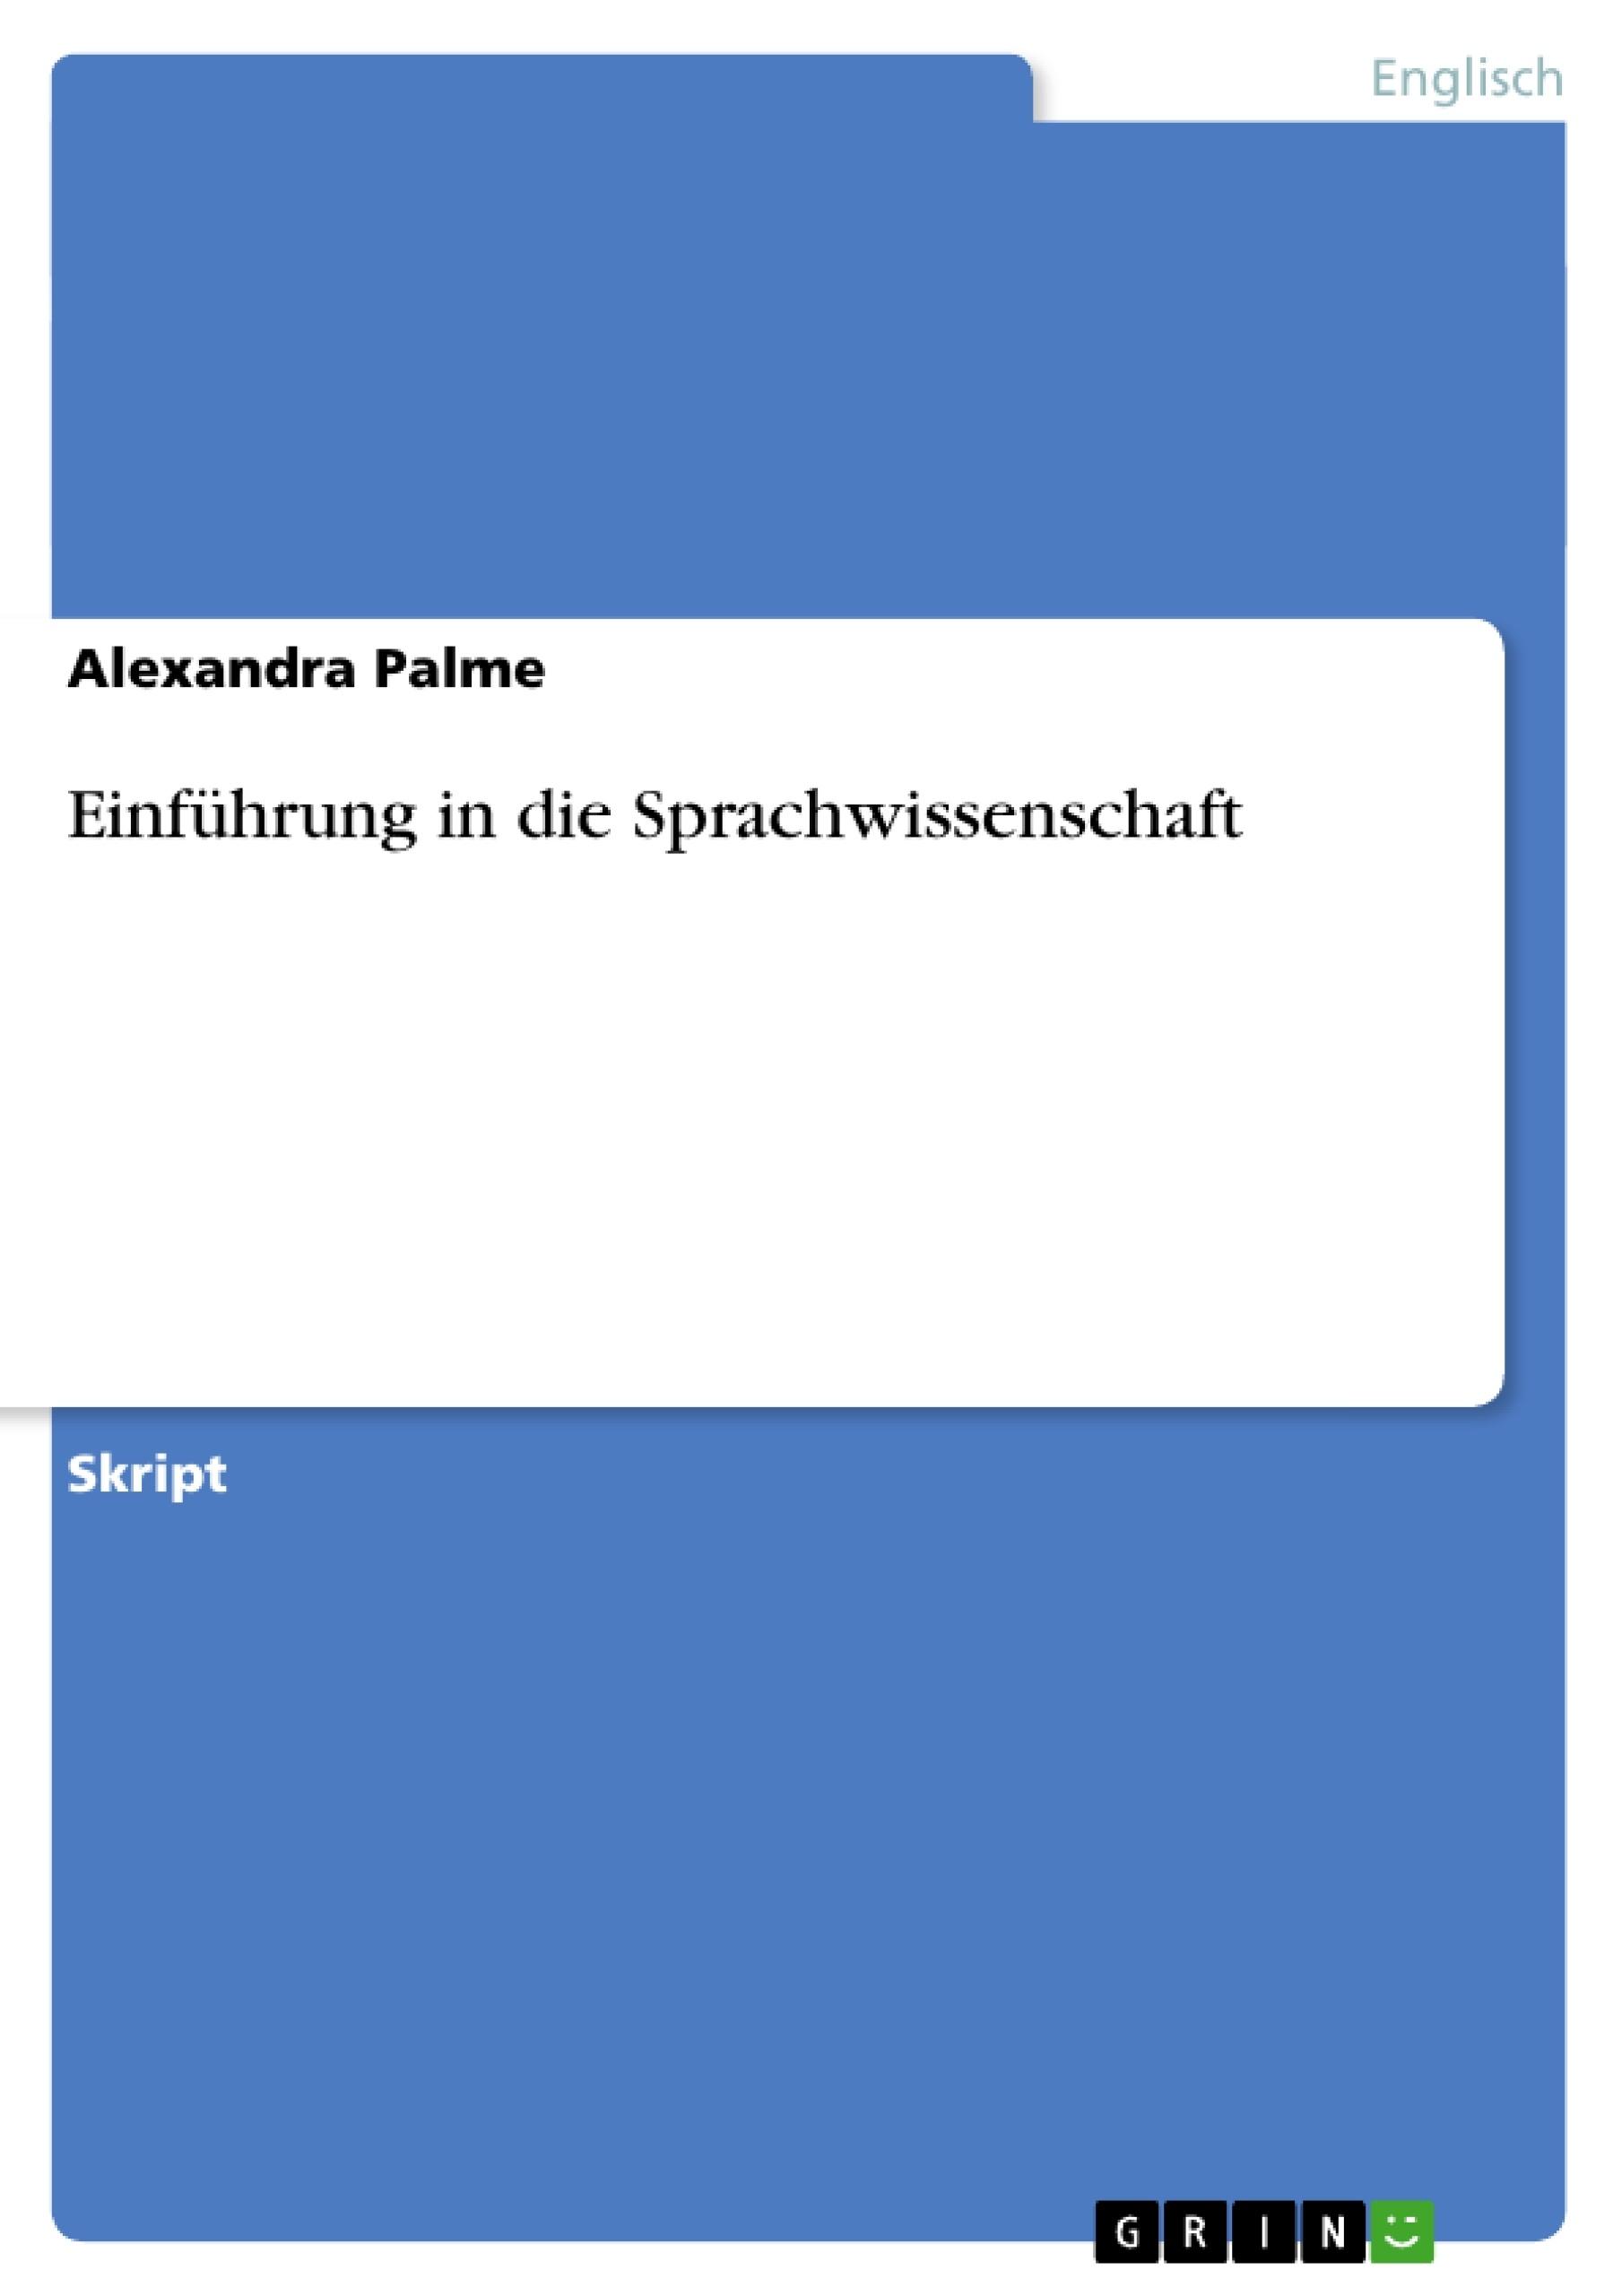 Titel: Einführung in die Sprachwissenschaft